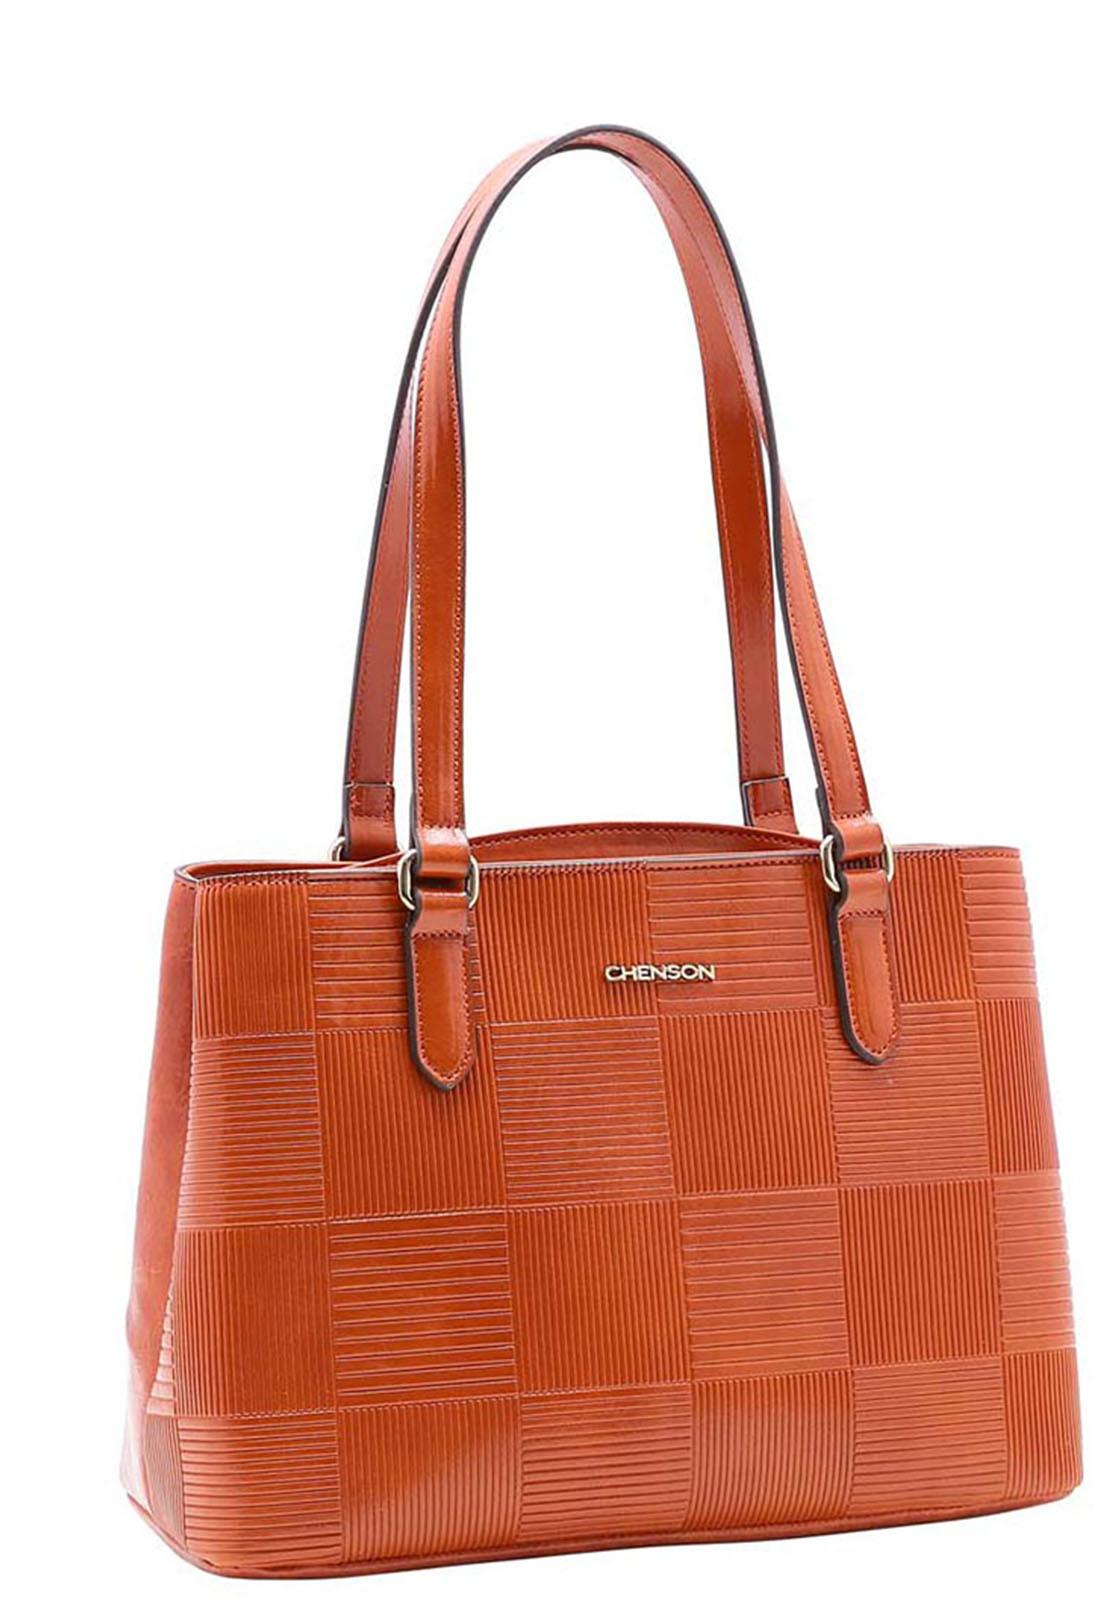 Bolsa Feminina Chenson Textura em Verniz  Ombro 3483387